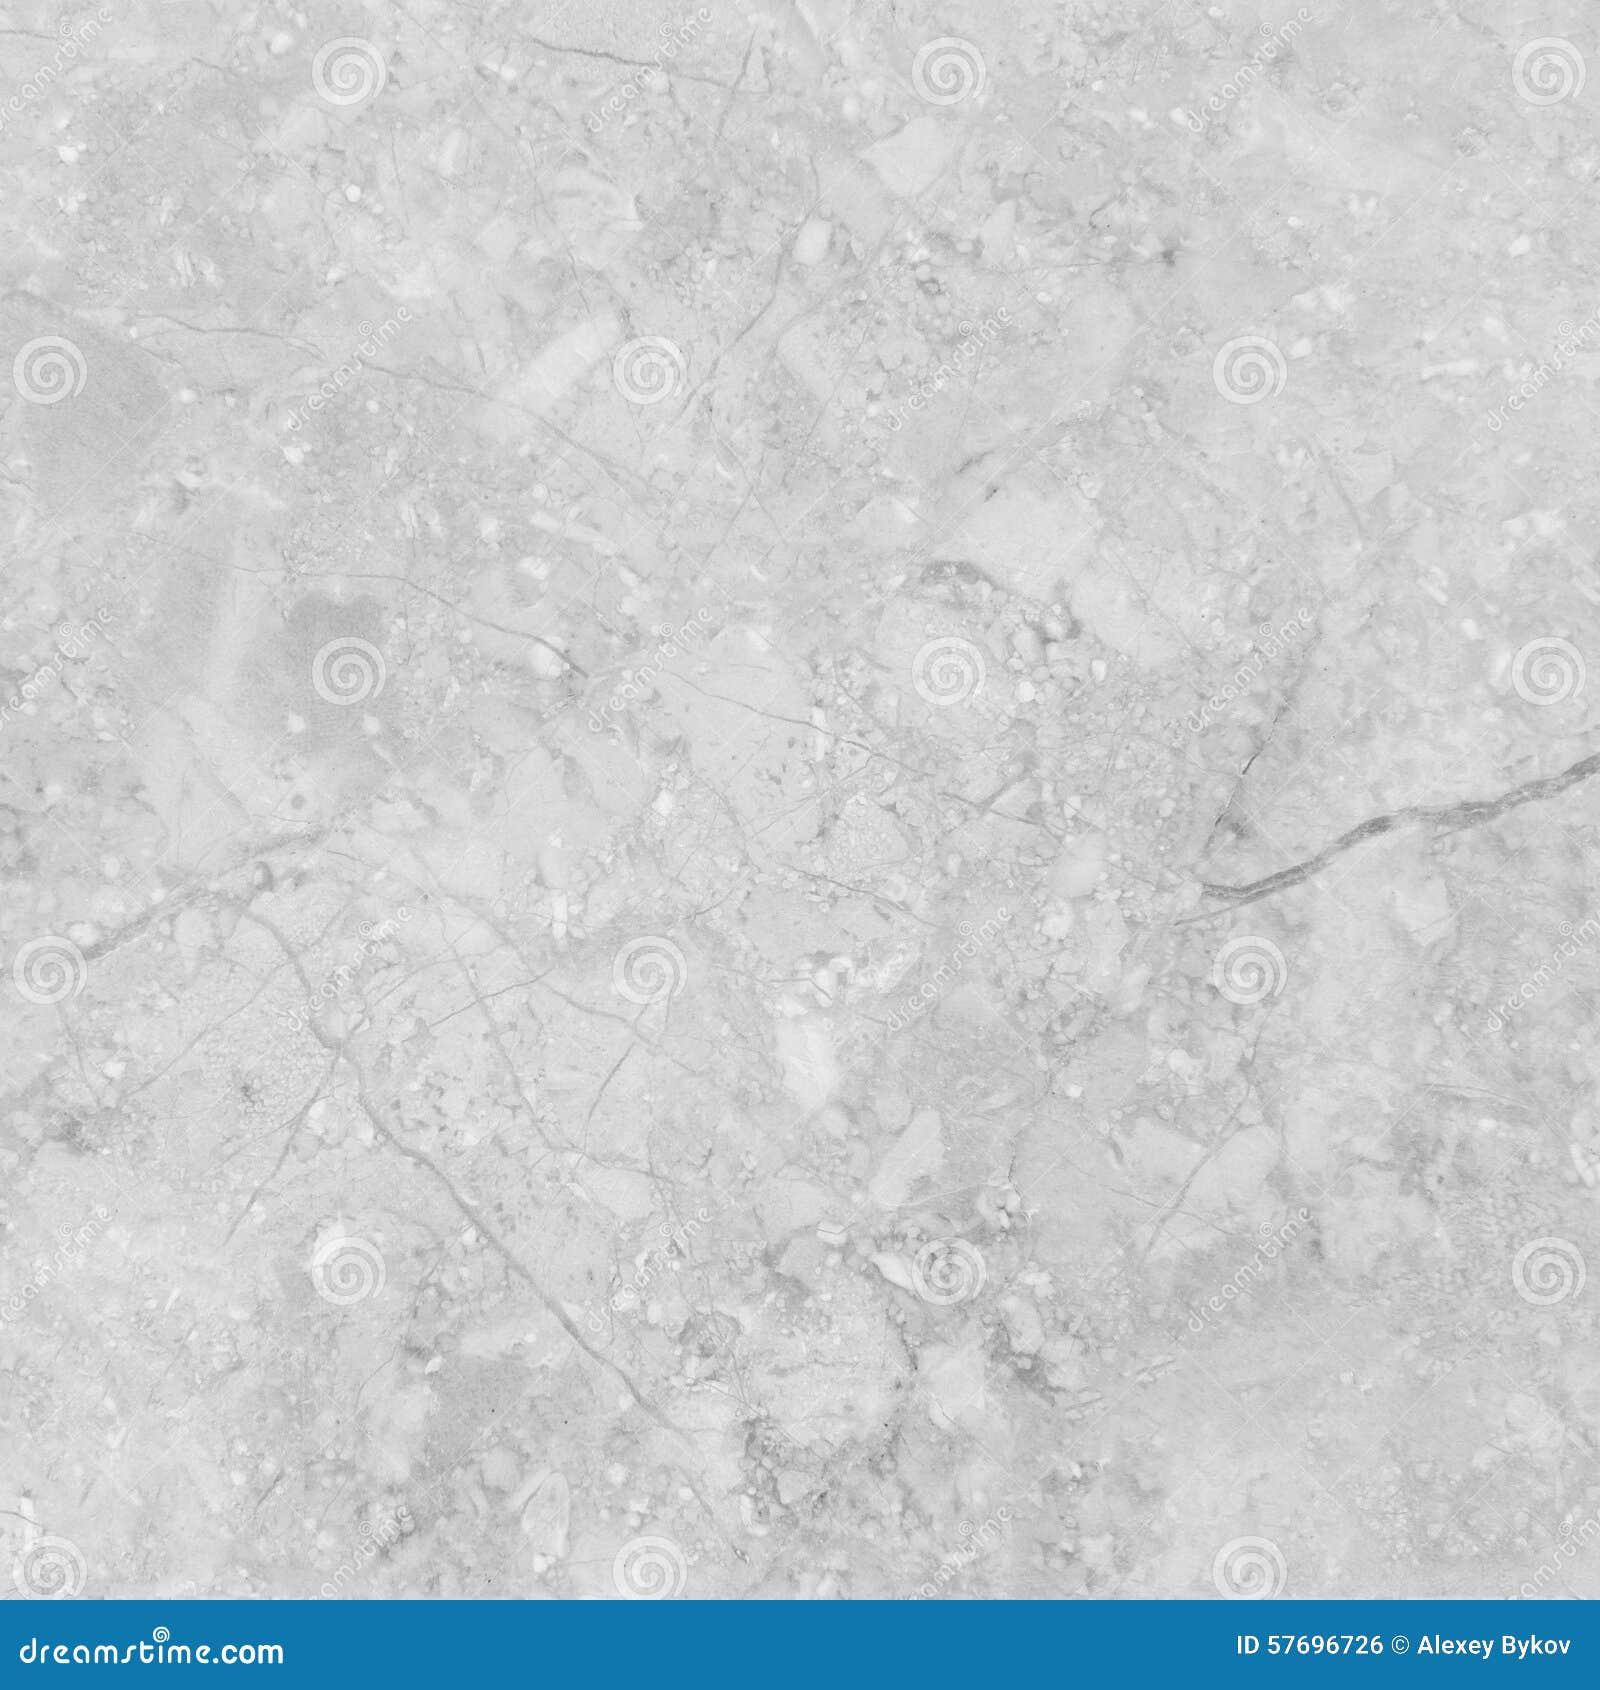 fondo de mrmol gris de la pared de piedra - Marmol Gris